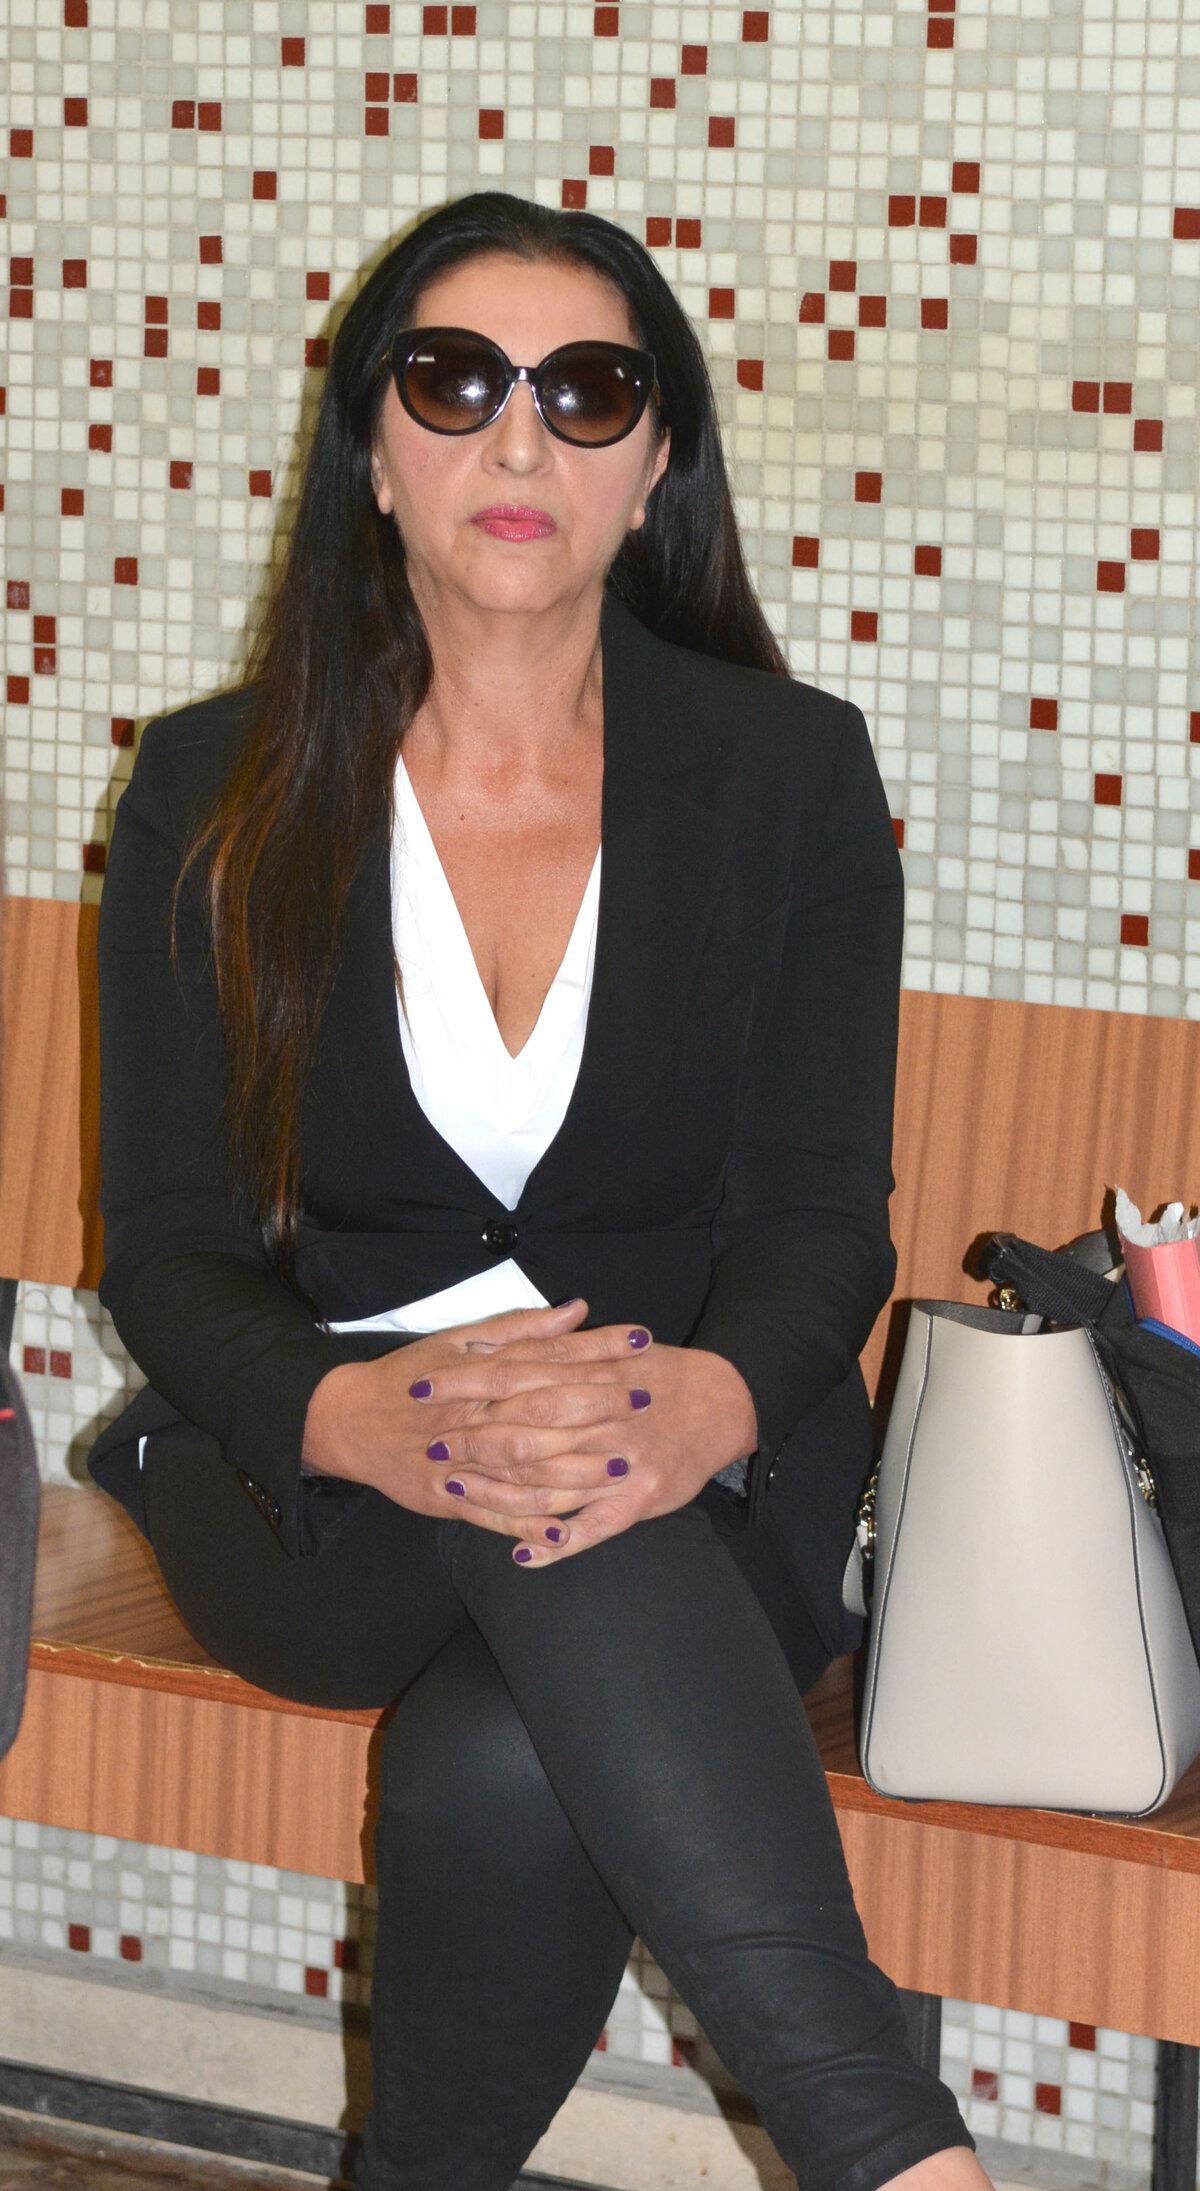 Súdny proces s Eleonórou Kabrheľovou budú opäť odročovať - Korzár SME